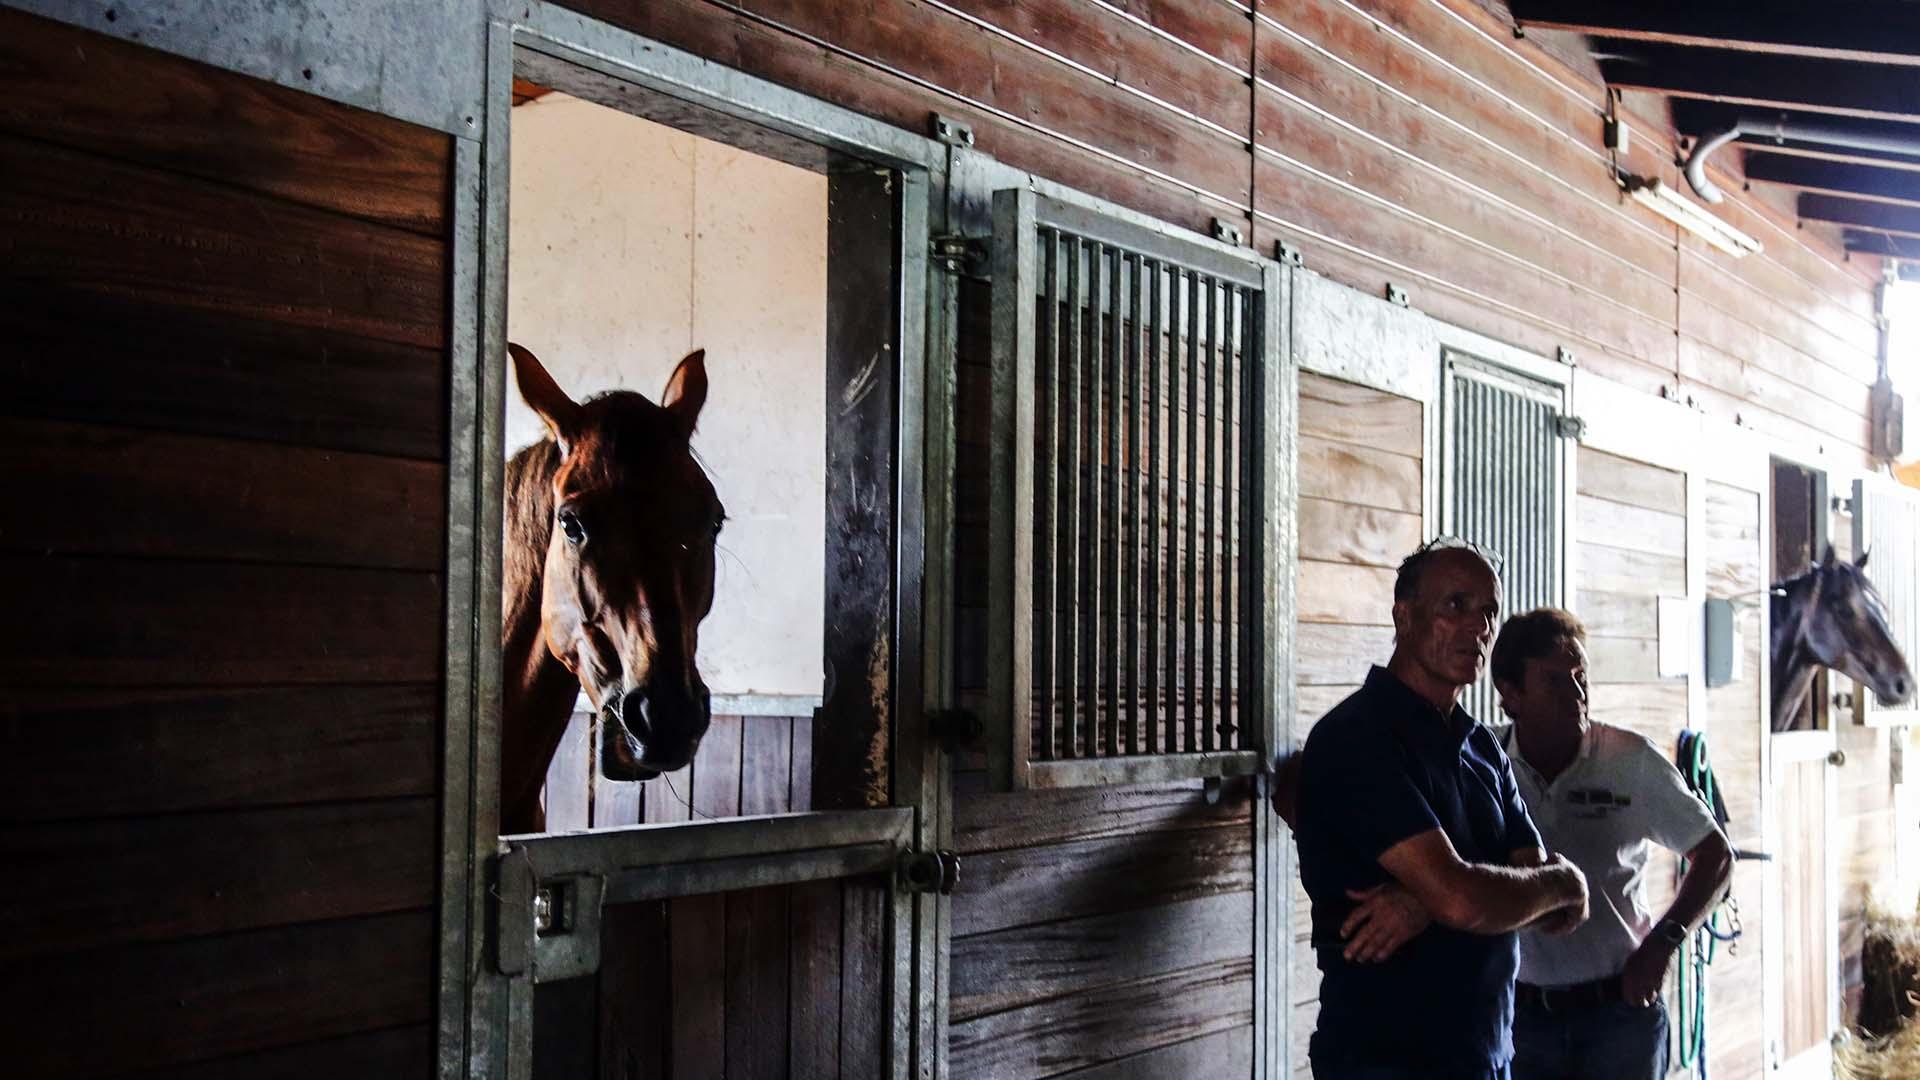 Pferdeklinik Salzhofen - Impressionen - Ärzte bei Arbeit